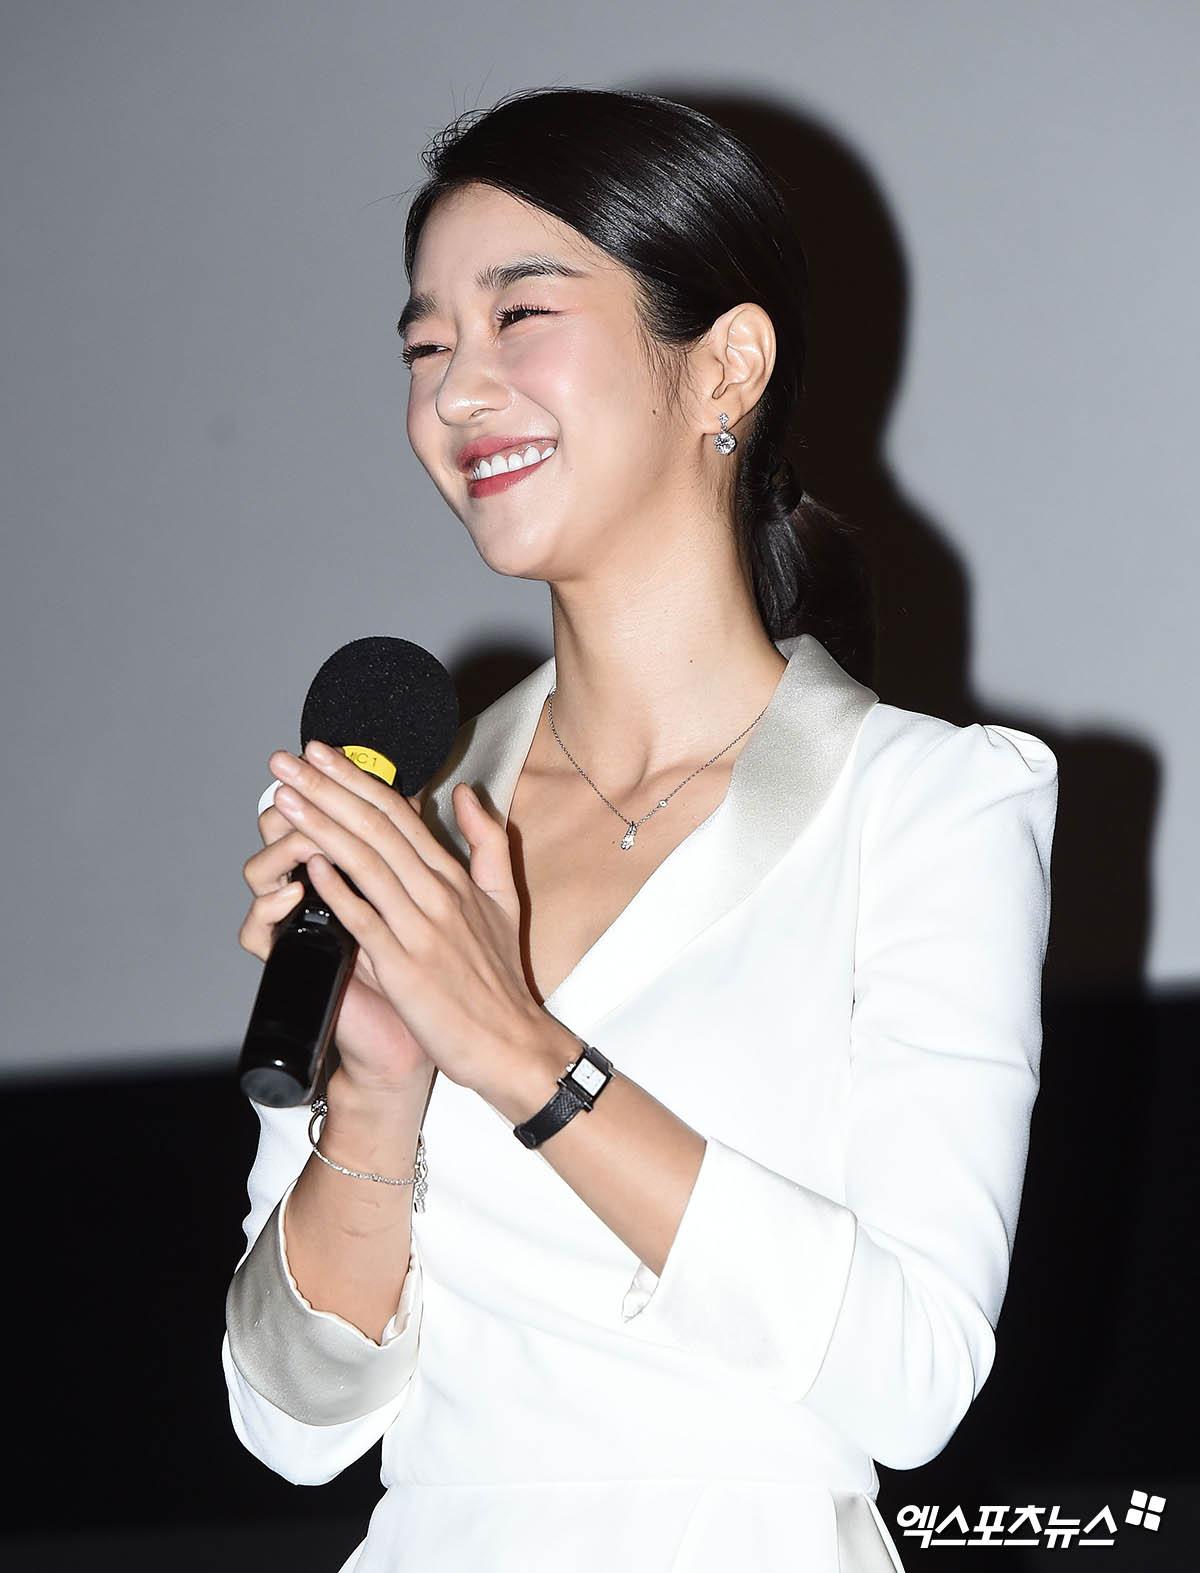 Knet đào lại ảnh cũ của Seo Ye Ji, hot tới nỗi lên top Naver: Mặt nhỏ đến khó tin, xinh đẹp chấp hết ánh đèn flash chói lóa - Ảnh 2.